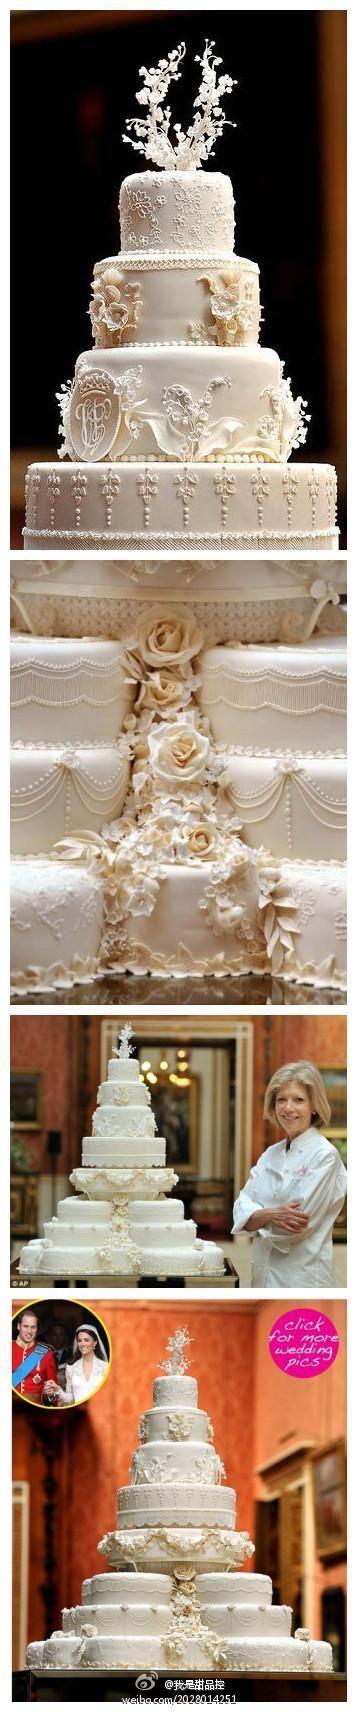 Le gâteau du mariage royal à8 étages... Même un gâteau peut rester dans l' histoire!